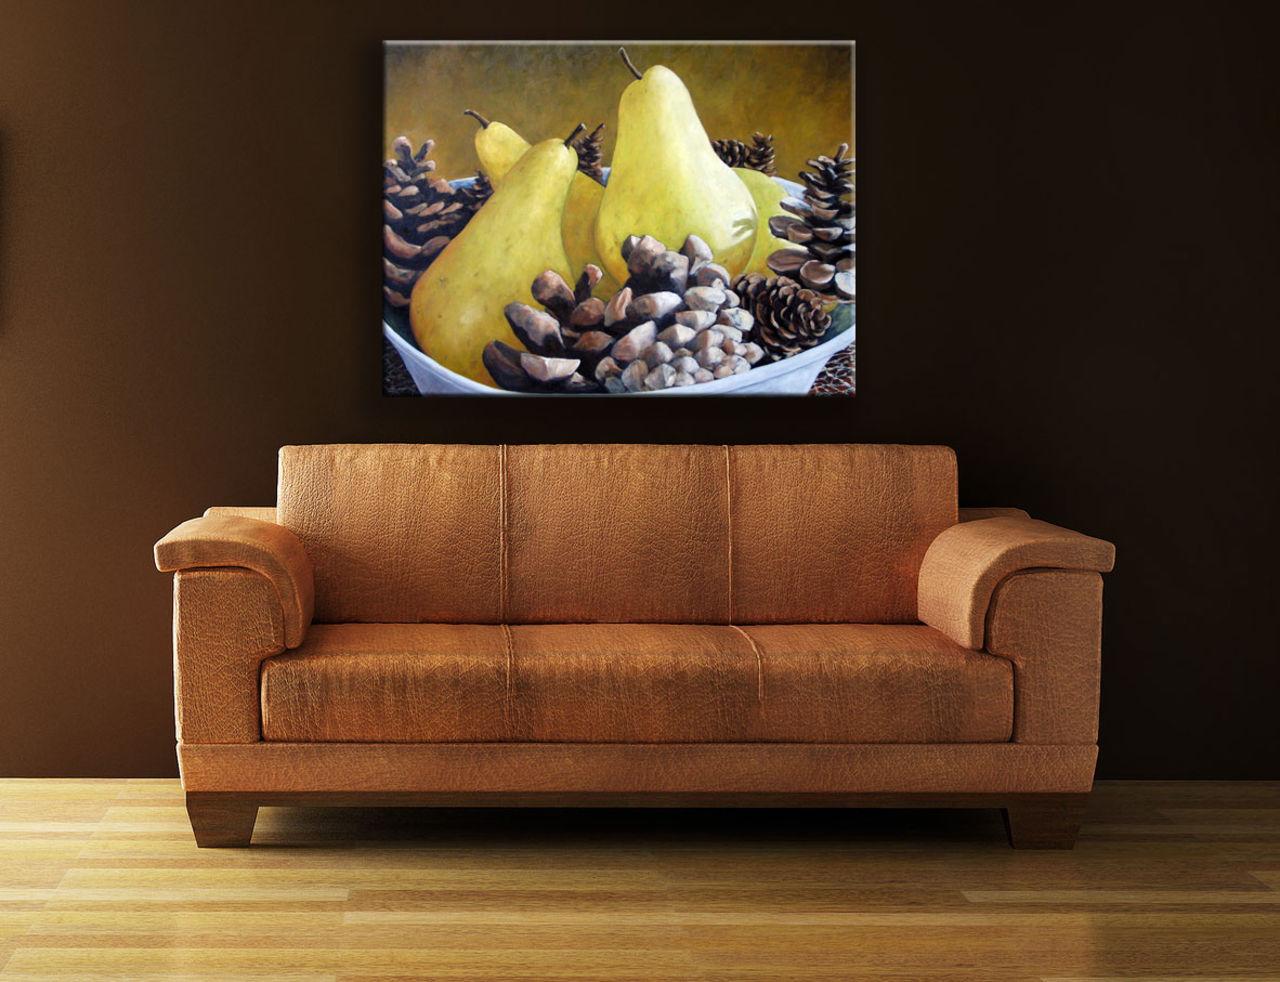 Richard T Pranke Golden Pears & Acorns